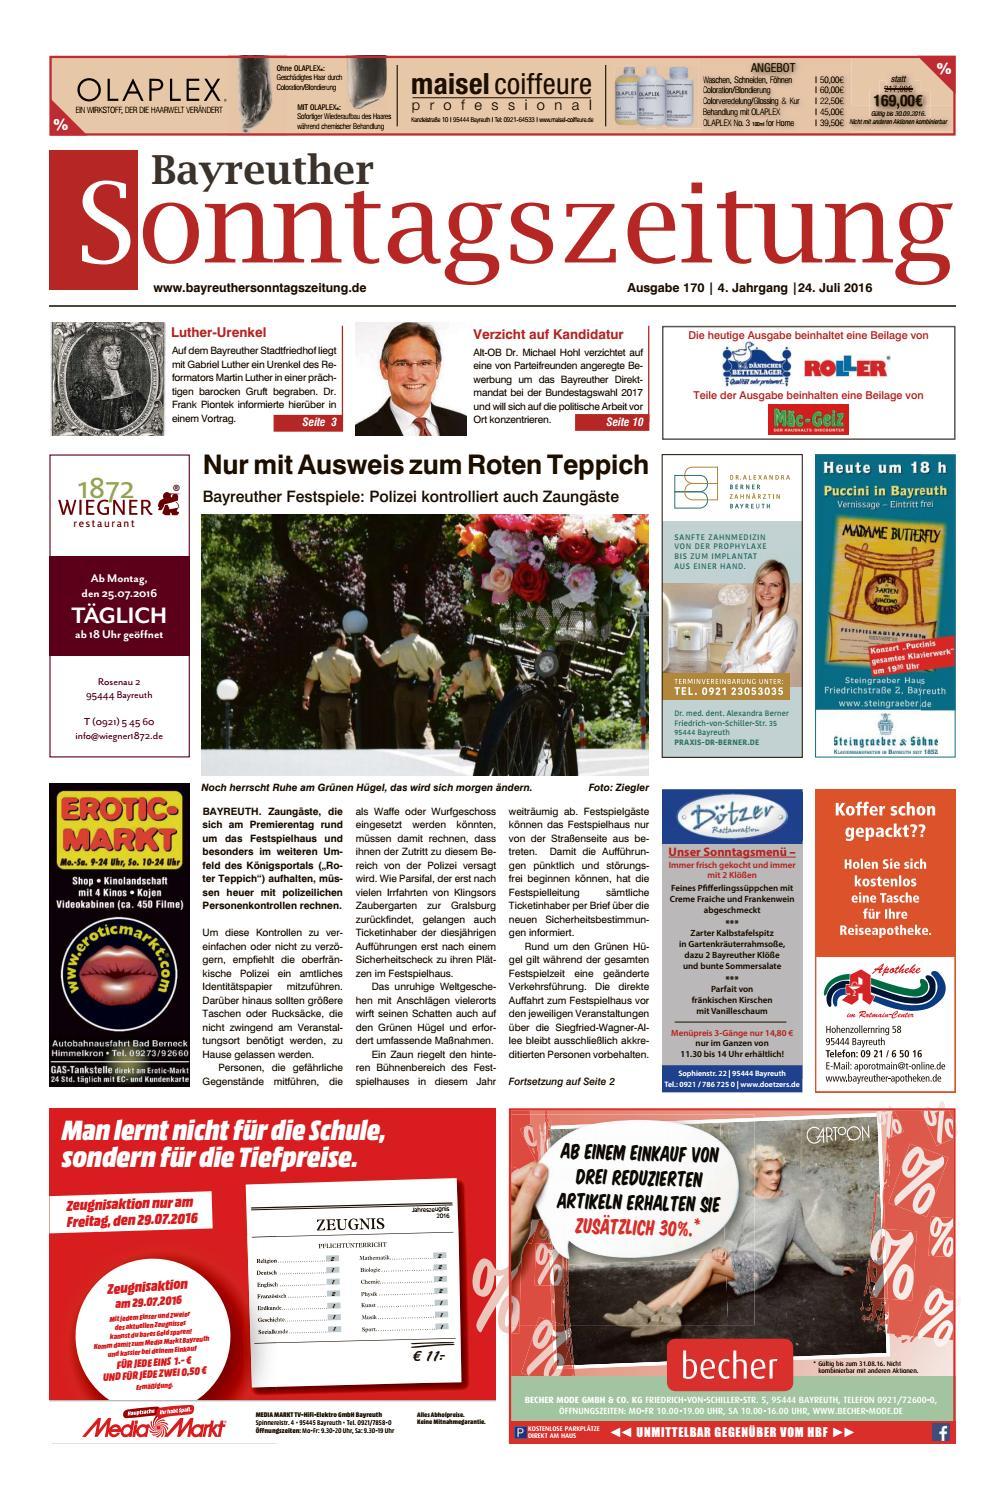 Bayreuther sonntagszeitung vom 24 07 2016 by Bayreuther ...